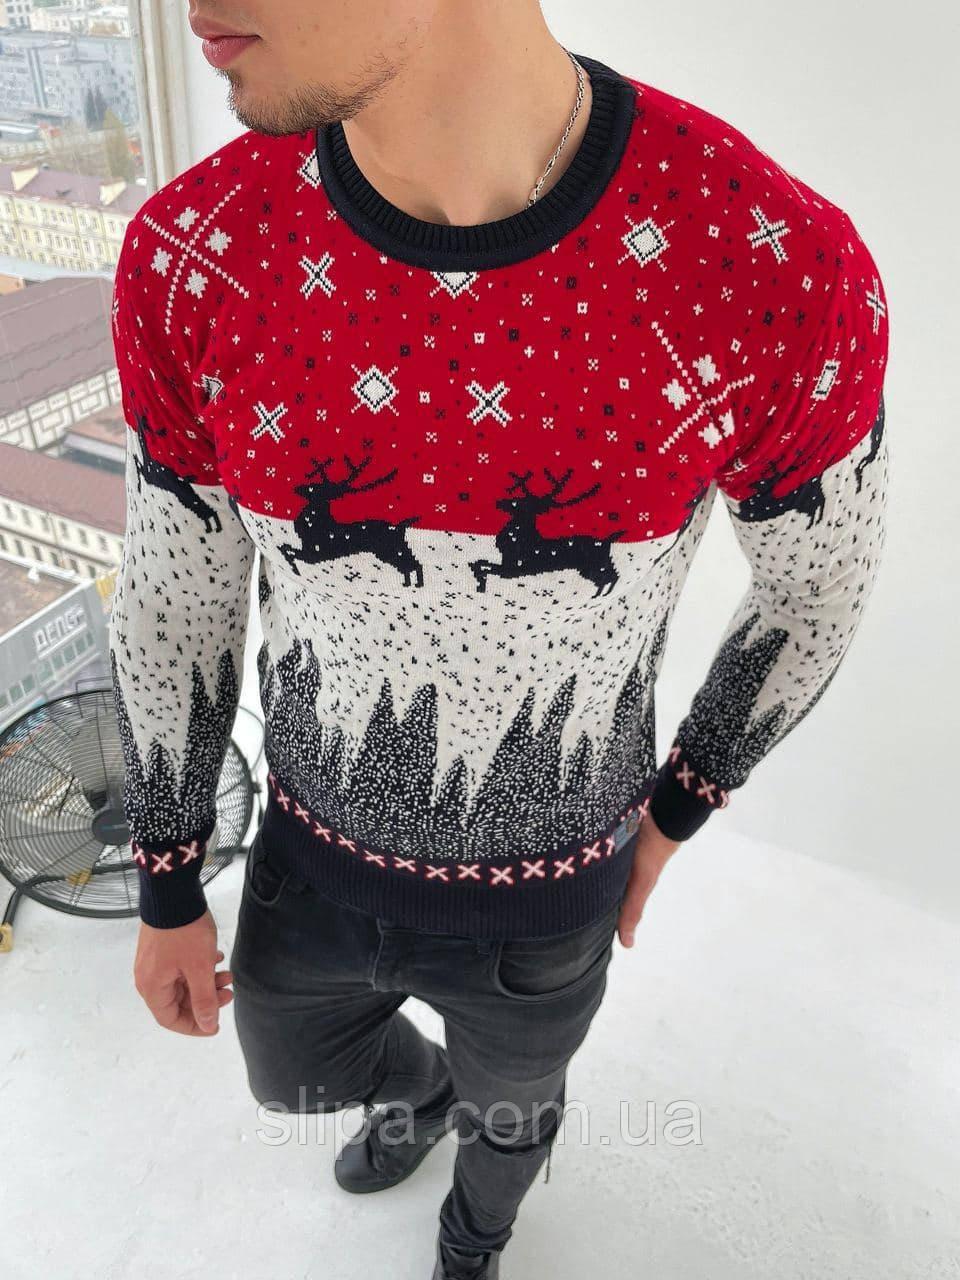 Мужской свитер с оленями красный с белым